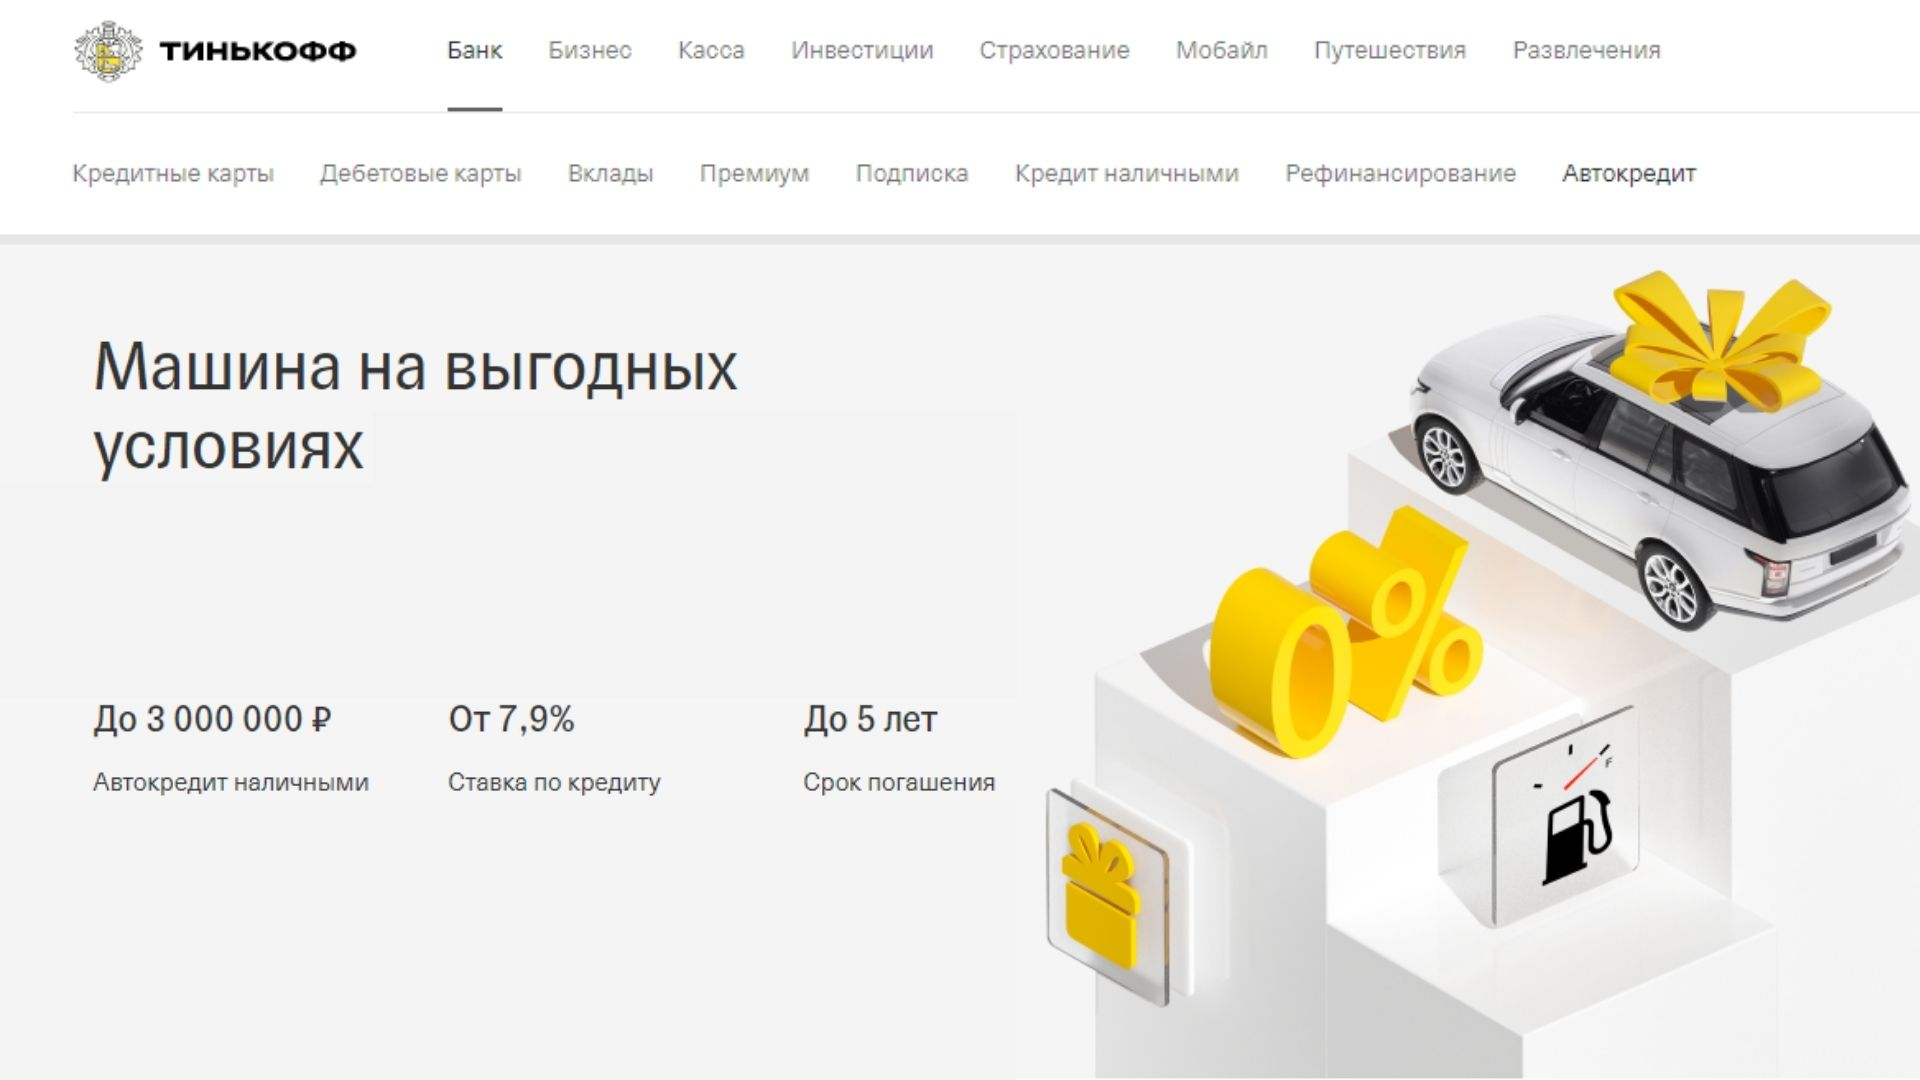 Автокредит. Самый низкий процент в Газпромбанке. Ставка 7,9%